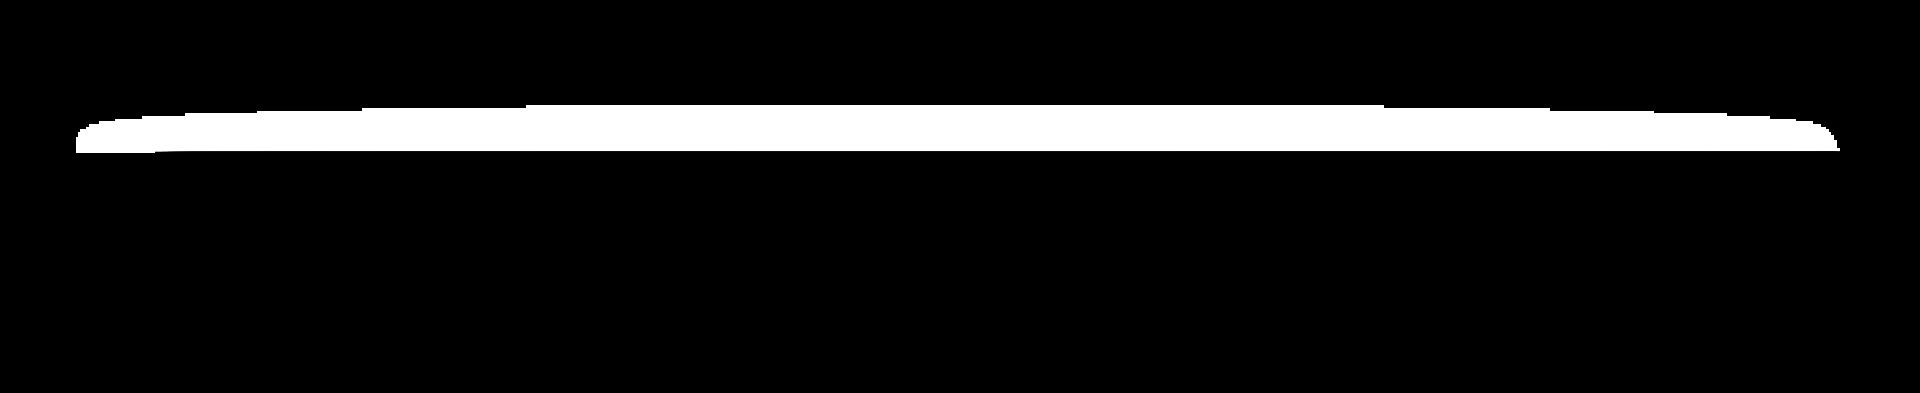 Webpage divider